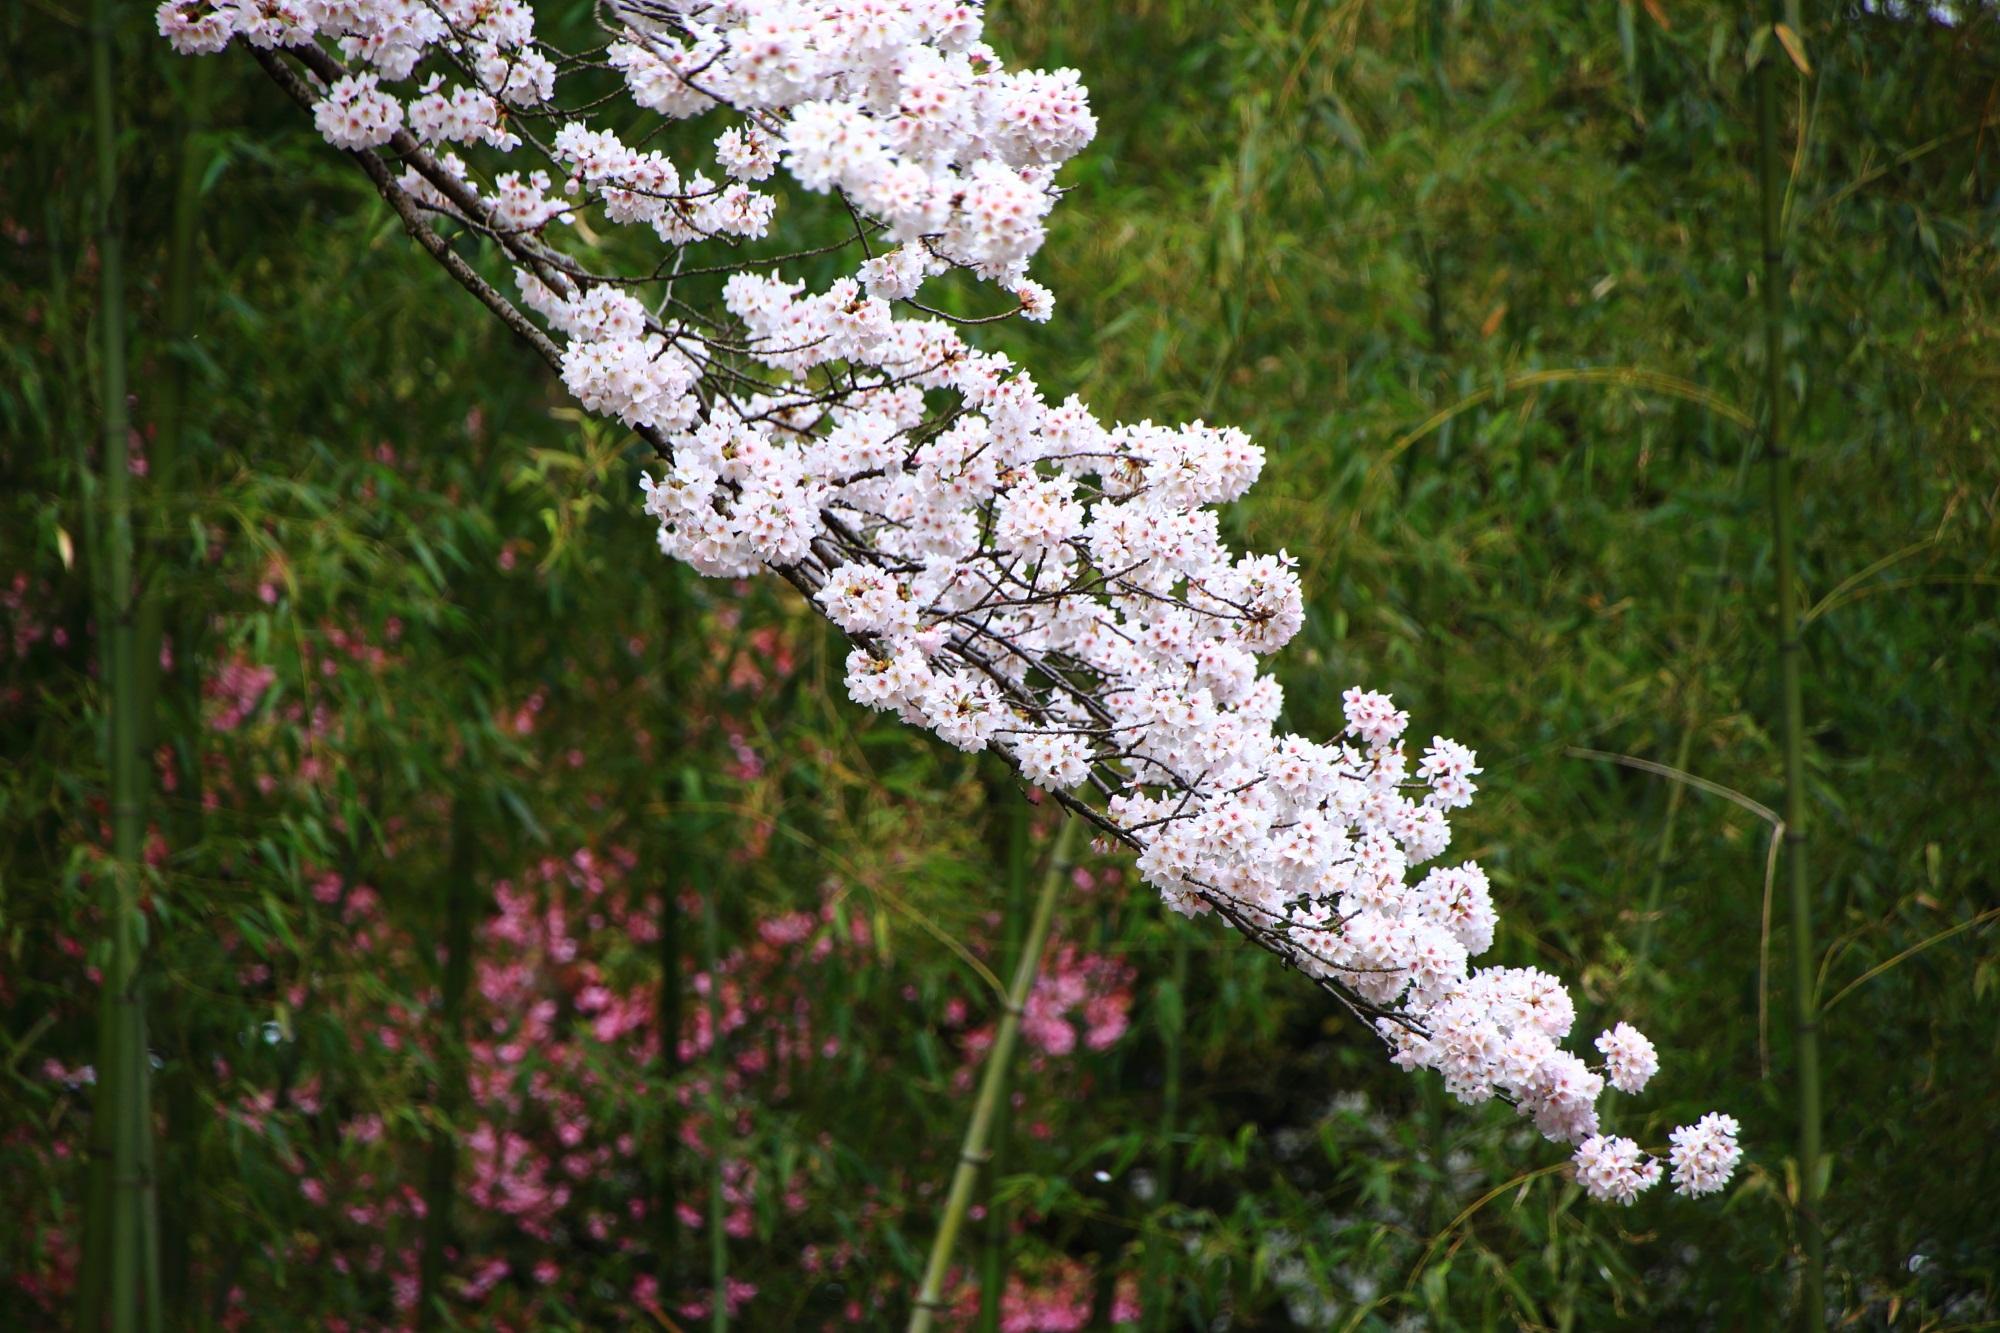 エジソン記念碑付近の桜と竹